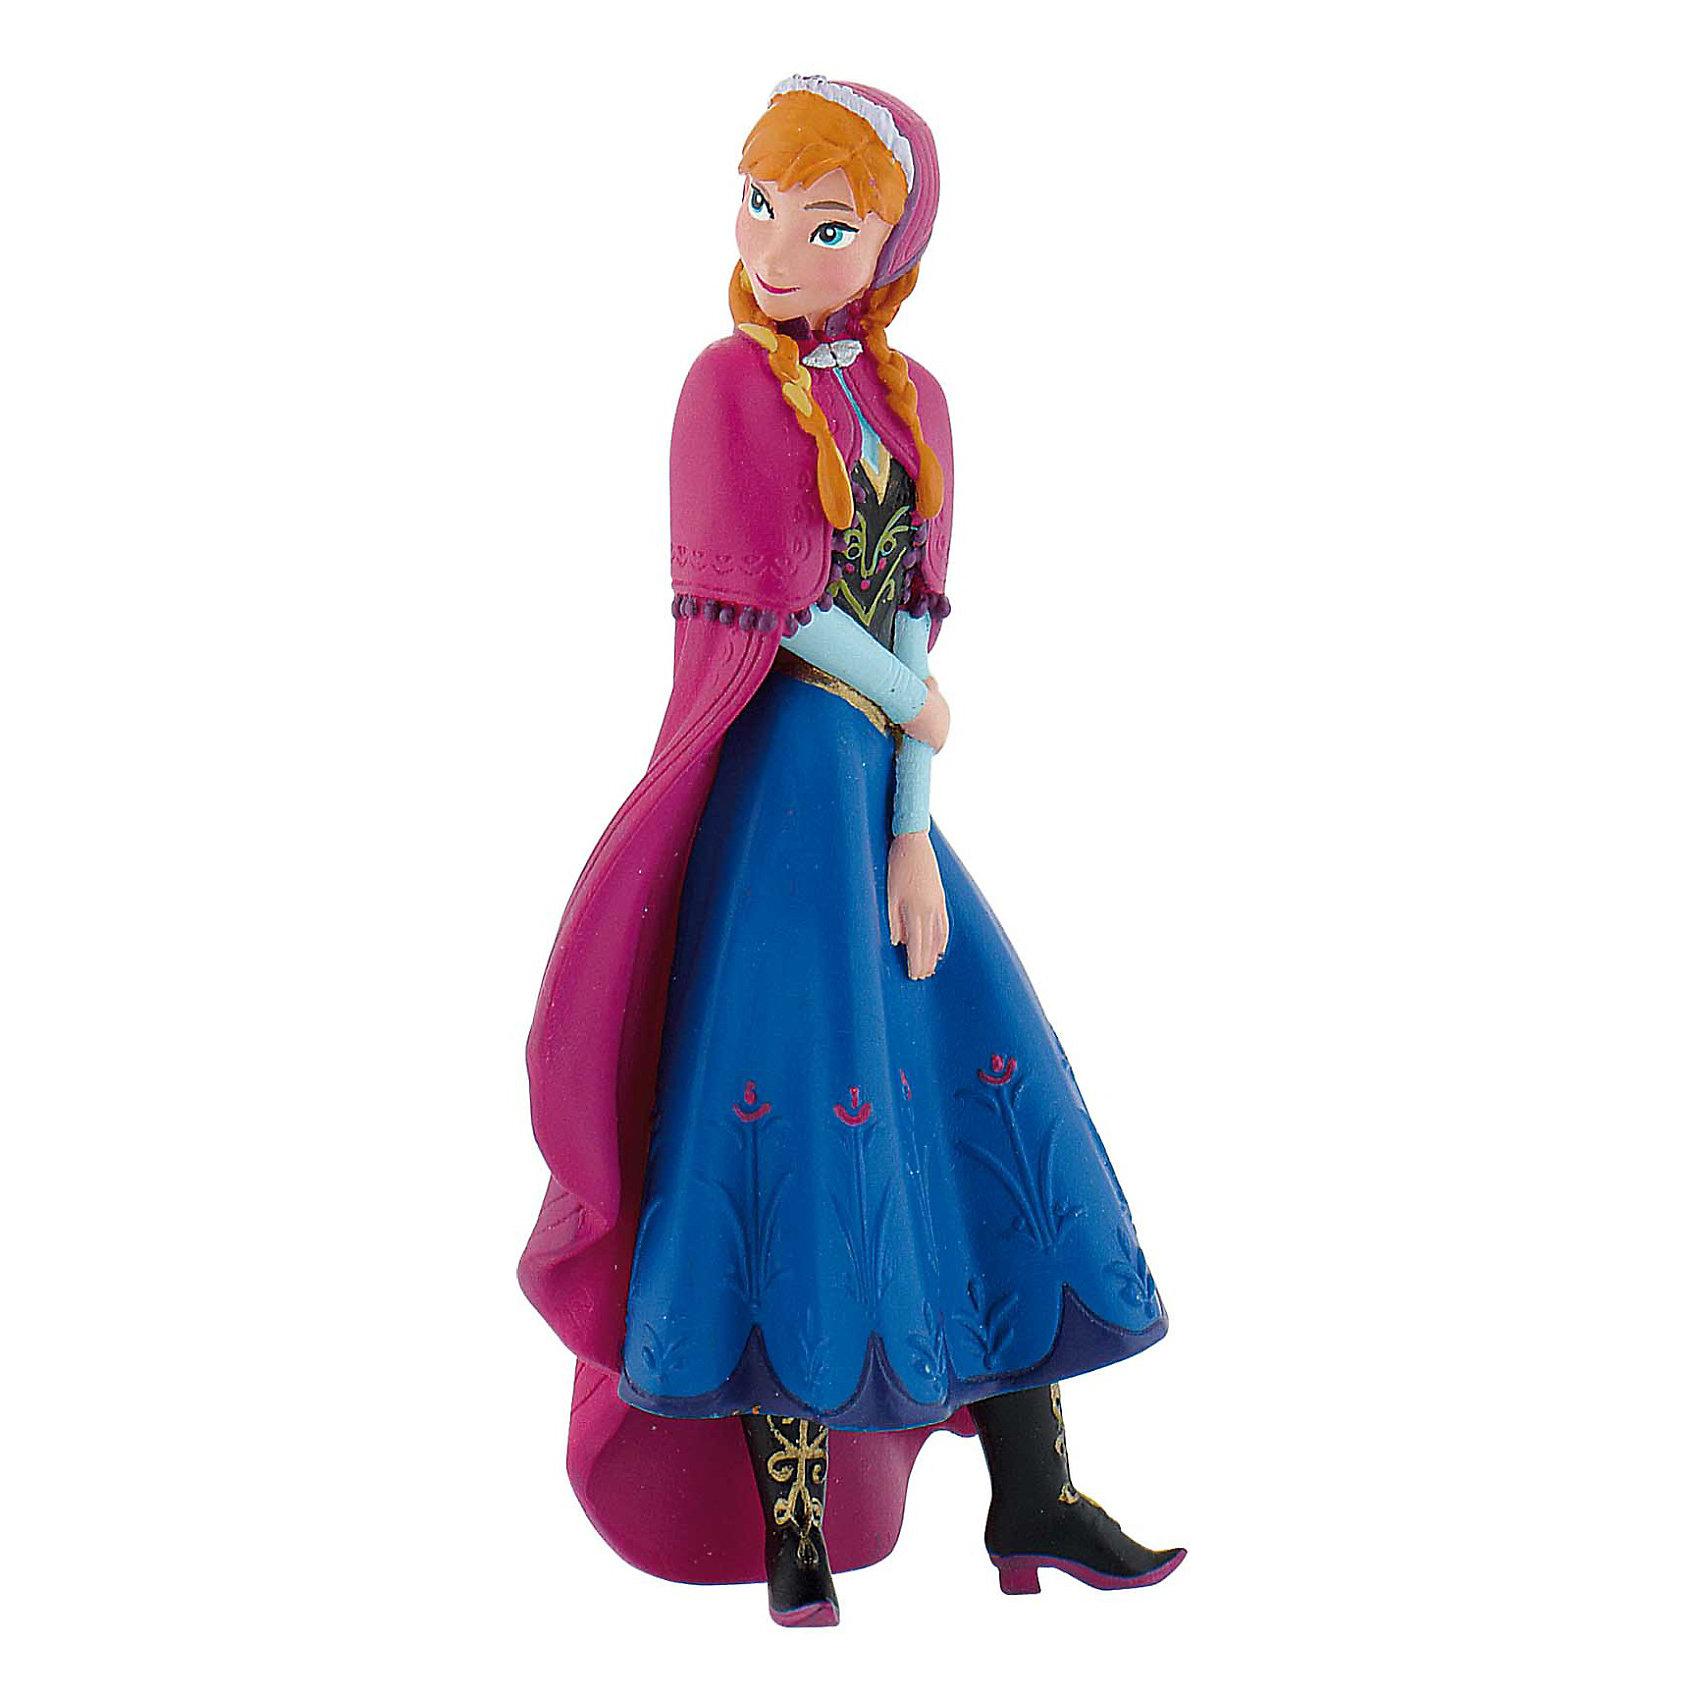 Фигурка Анна,  DisneyАнна – героиня мультфильма студии Дисней «Холодное сердце», в котором рассказывается интерпретированная история Снежной королевы. Каково это – быть сестрой повелительницы зимы и метели? Анна знает, и, конечно же, расскажет вам в многочисленных играх, которые можно придумать вместе с этой прелестной фигуркой. <br>Фигурка симпатичной принцессы выпущена немецким брендом Bullyland, вот уже несколько десятков лет специализирующимся на выпуске различных линеек фигурок – героев мультфильмов, диких и домашних животных и птиц, персонажей в национальных костюмах. <br>Игрушка изготовлена из термопластичного каучука. Это новый безопасный материал, который используется даже в фармацевтической и пищевой промышленности. <br><br>Дополнительная информация:<br><br>Высота фигурки: 8,5 см.<br><br>Фигурку Анна,  Disney можно купить в нашем магазине.<br><br>Ширина мм: 90<br>Глубина мм: 63<br>Высота мм: 38<br>Вес г: 1<br>Возраст от месяцев: 36<br>Возраст до месяцев: 96<br>Пол: Женский<br>Возраст: Детский<br>SKU: 3383416